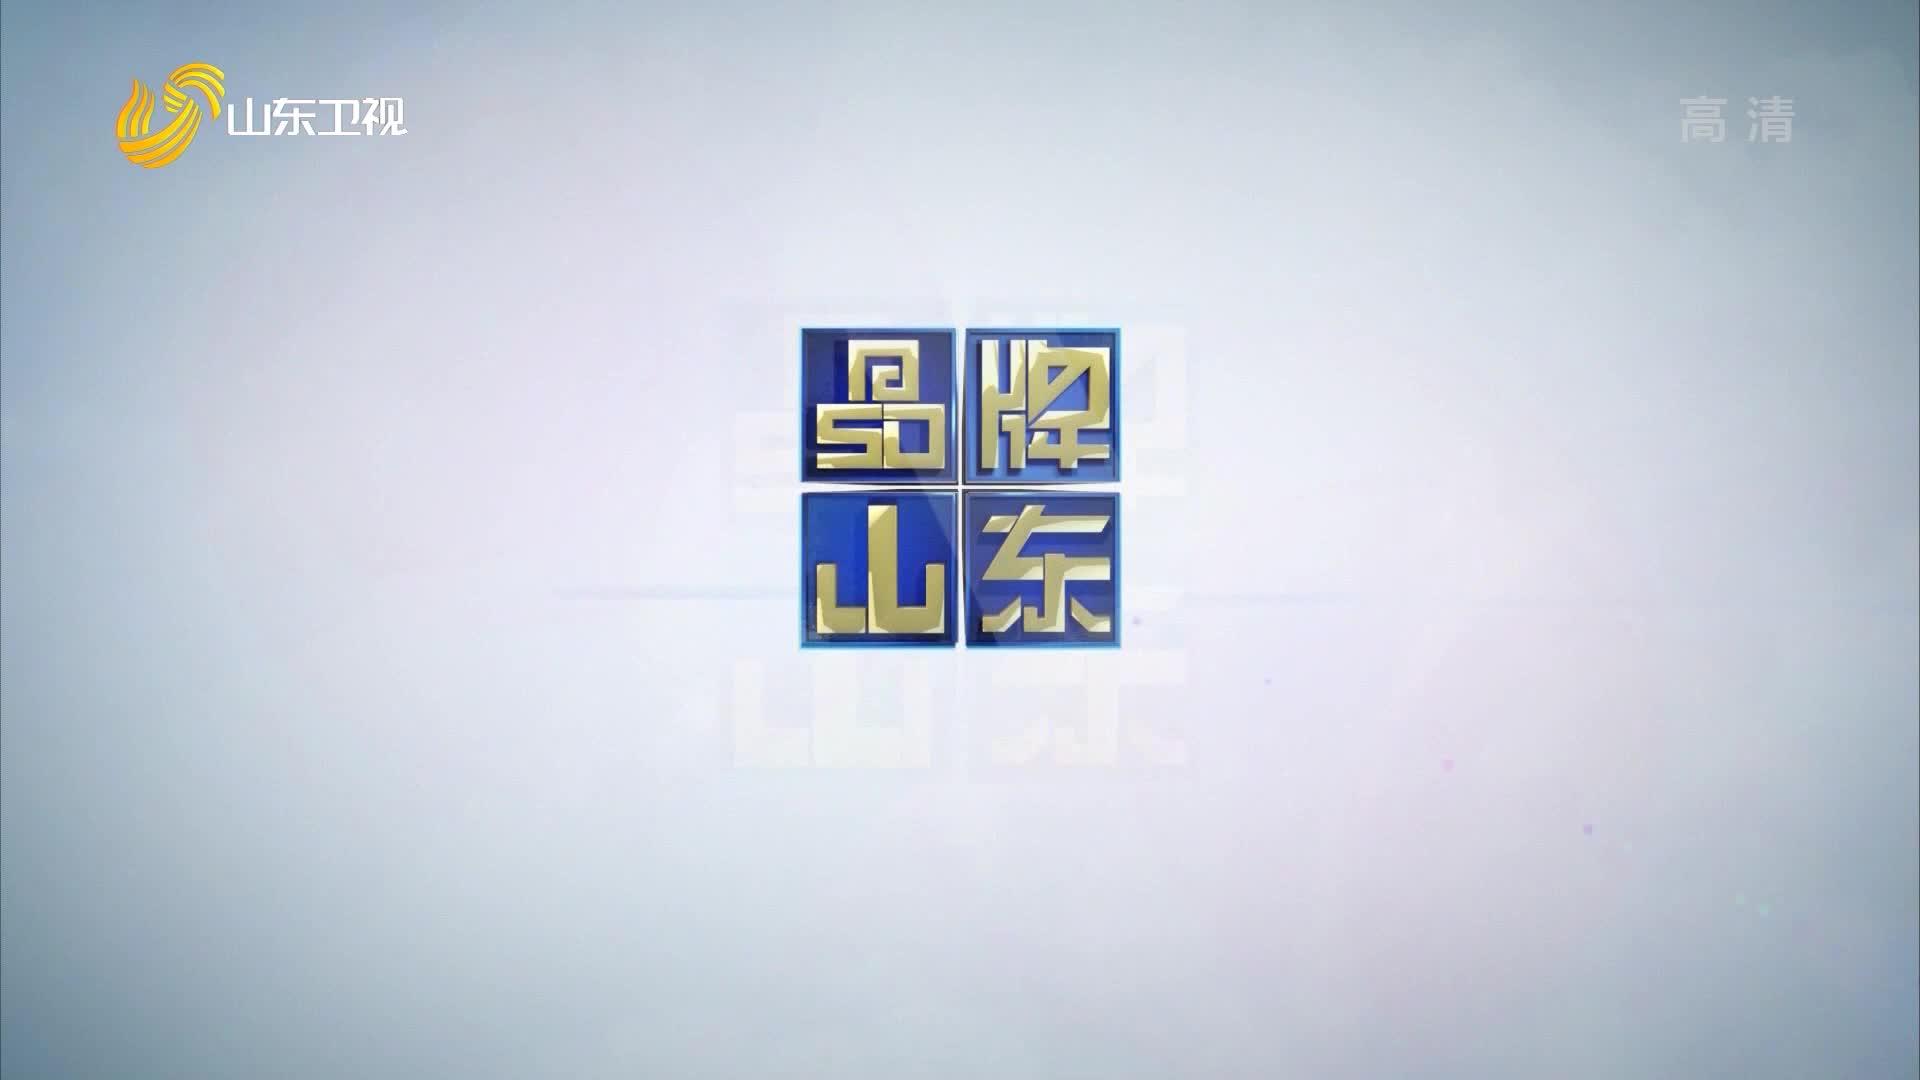 2021年02月07日《品牌山东》完整版